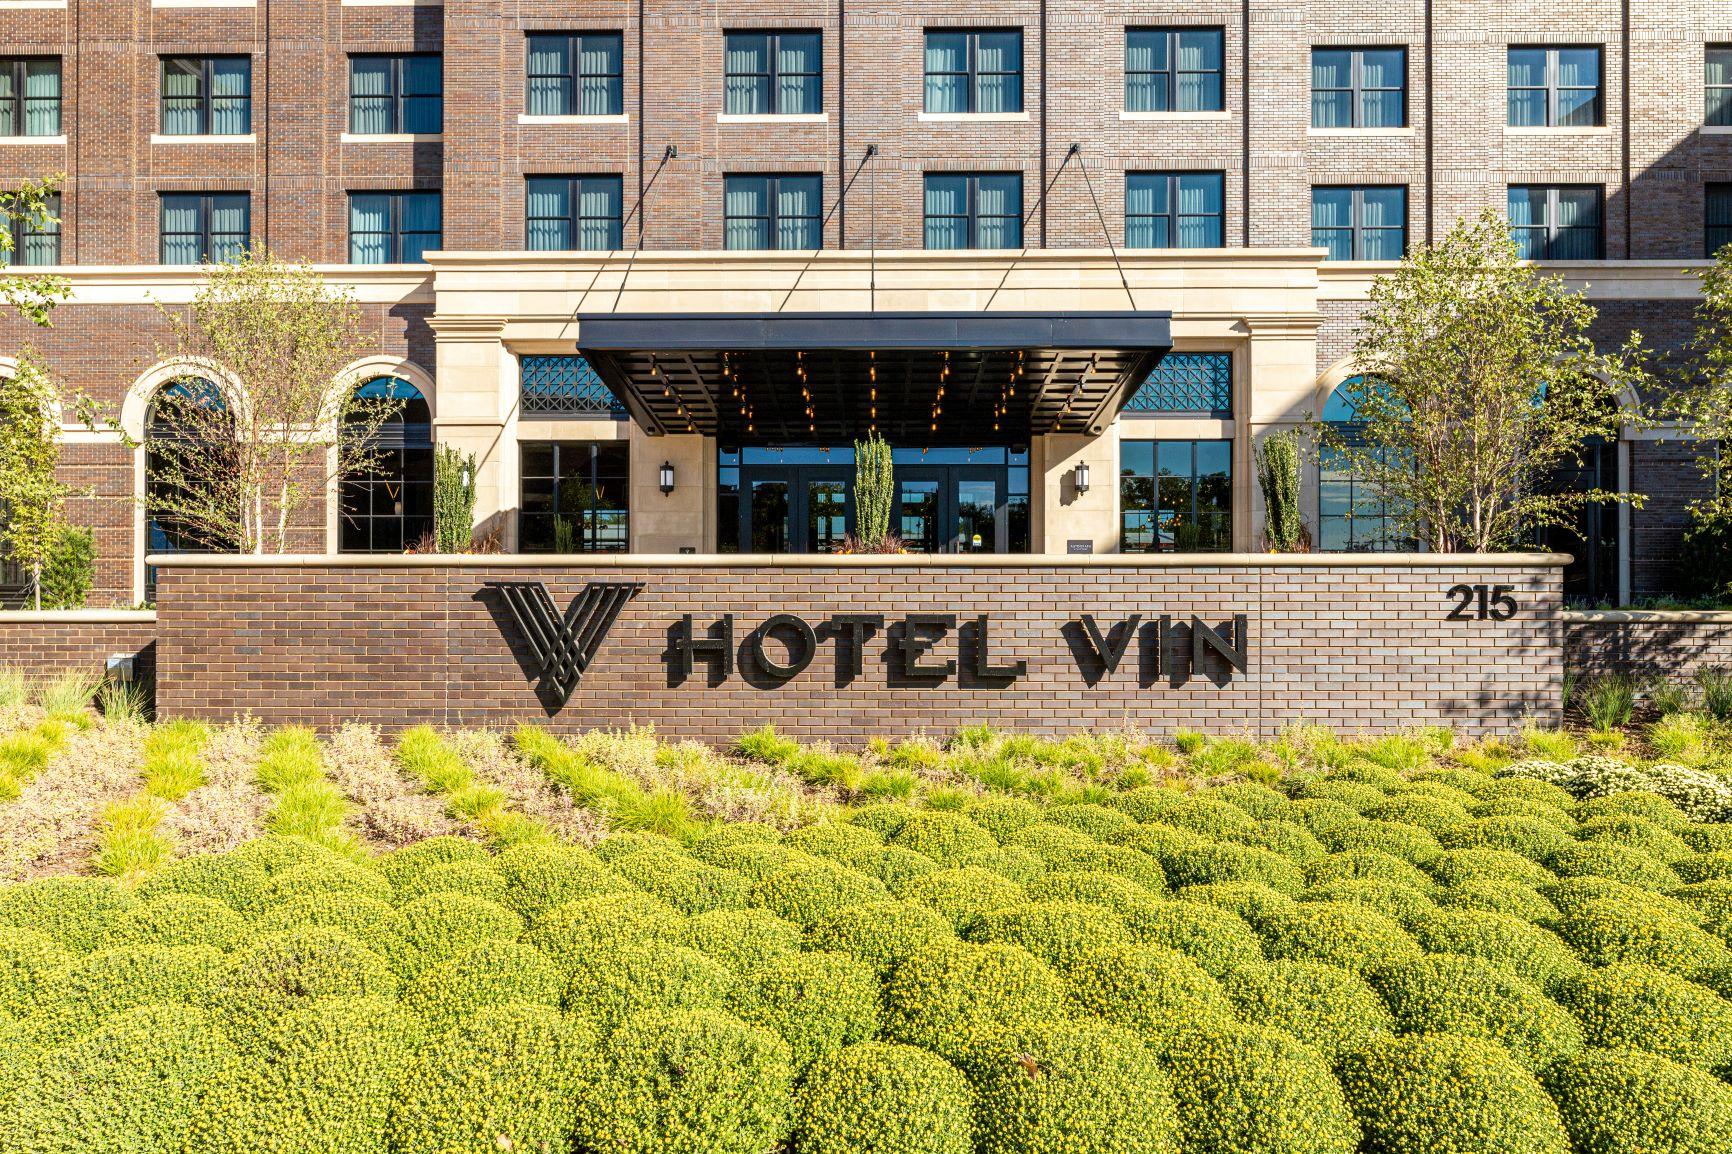 Hotel Vin Entrance